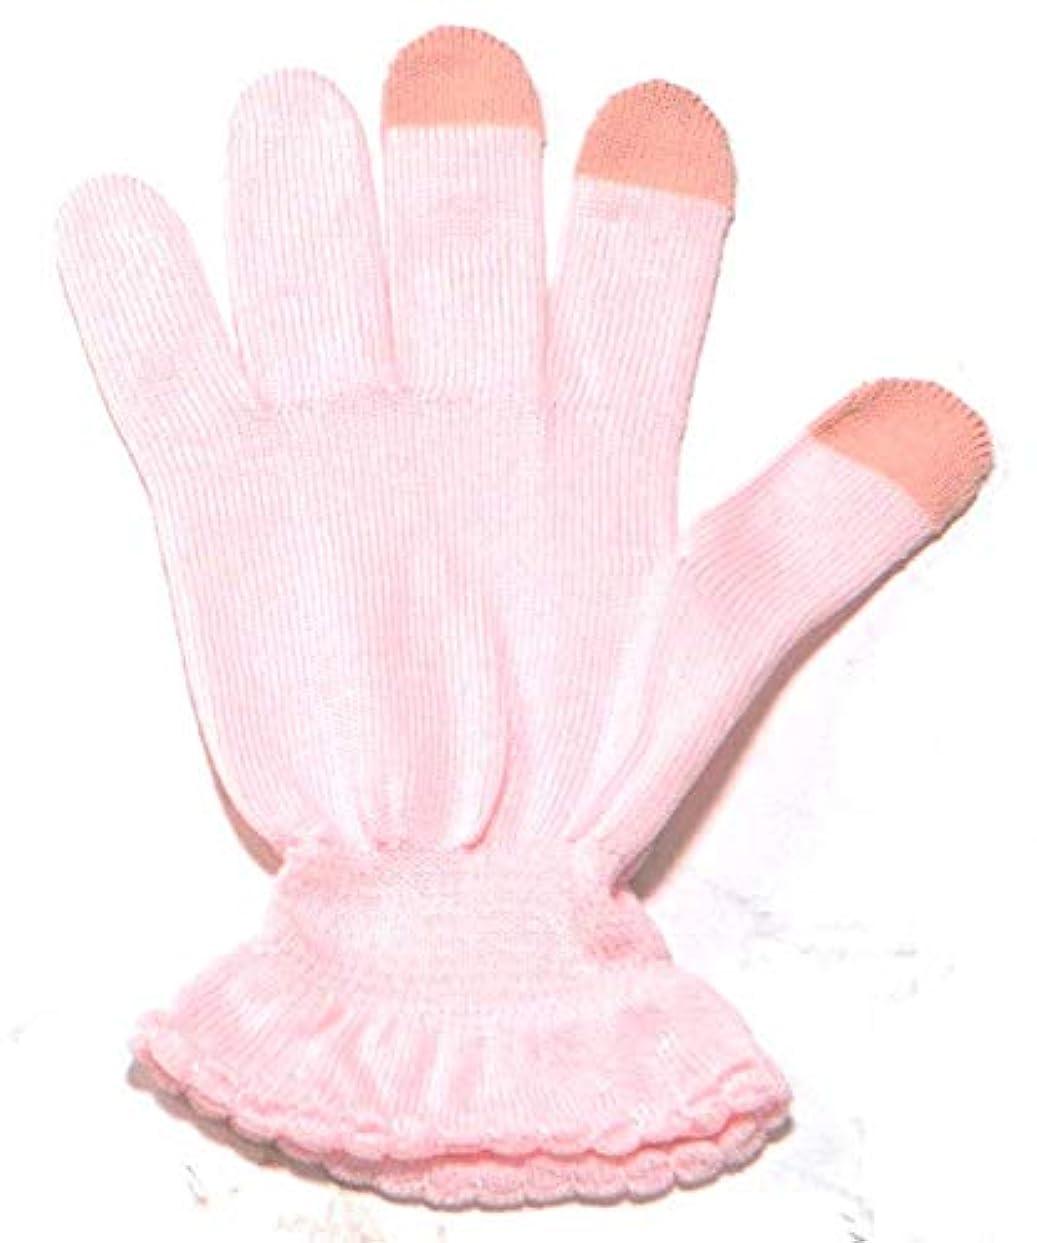 名門メガロポリス操縦するイチーナ【ハンドケア手袋タッチあり】スマホ対応 天然保湿効果配合繊維 (ピンク, S~M(17~20㎝))